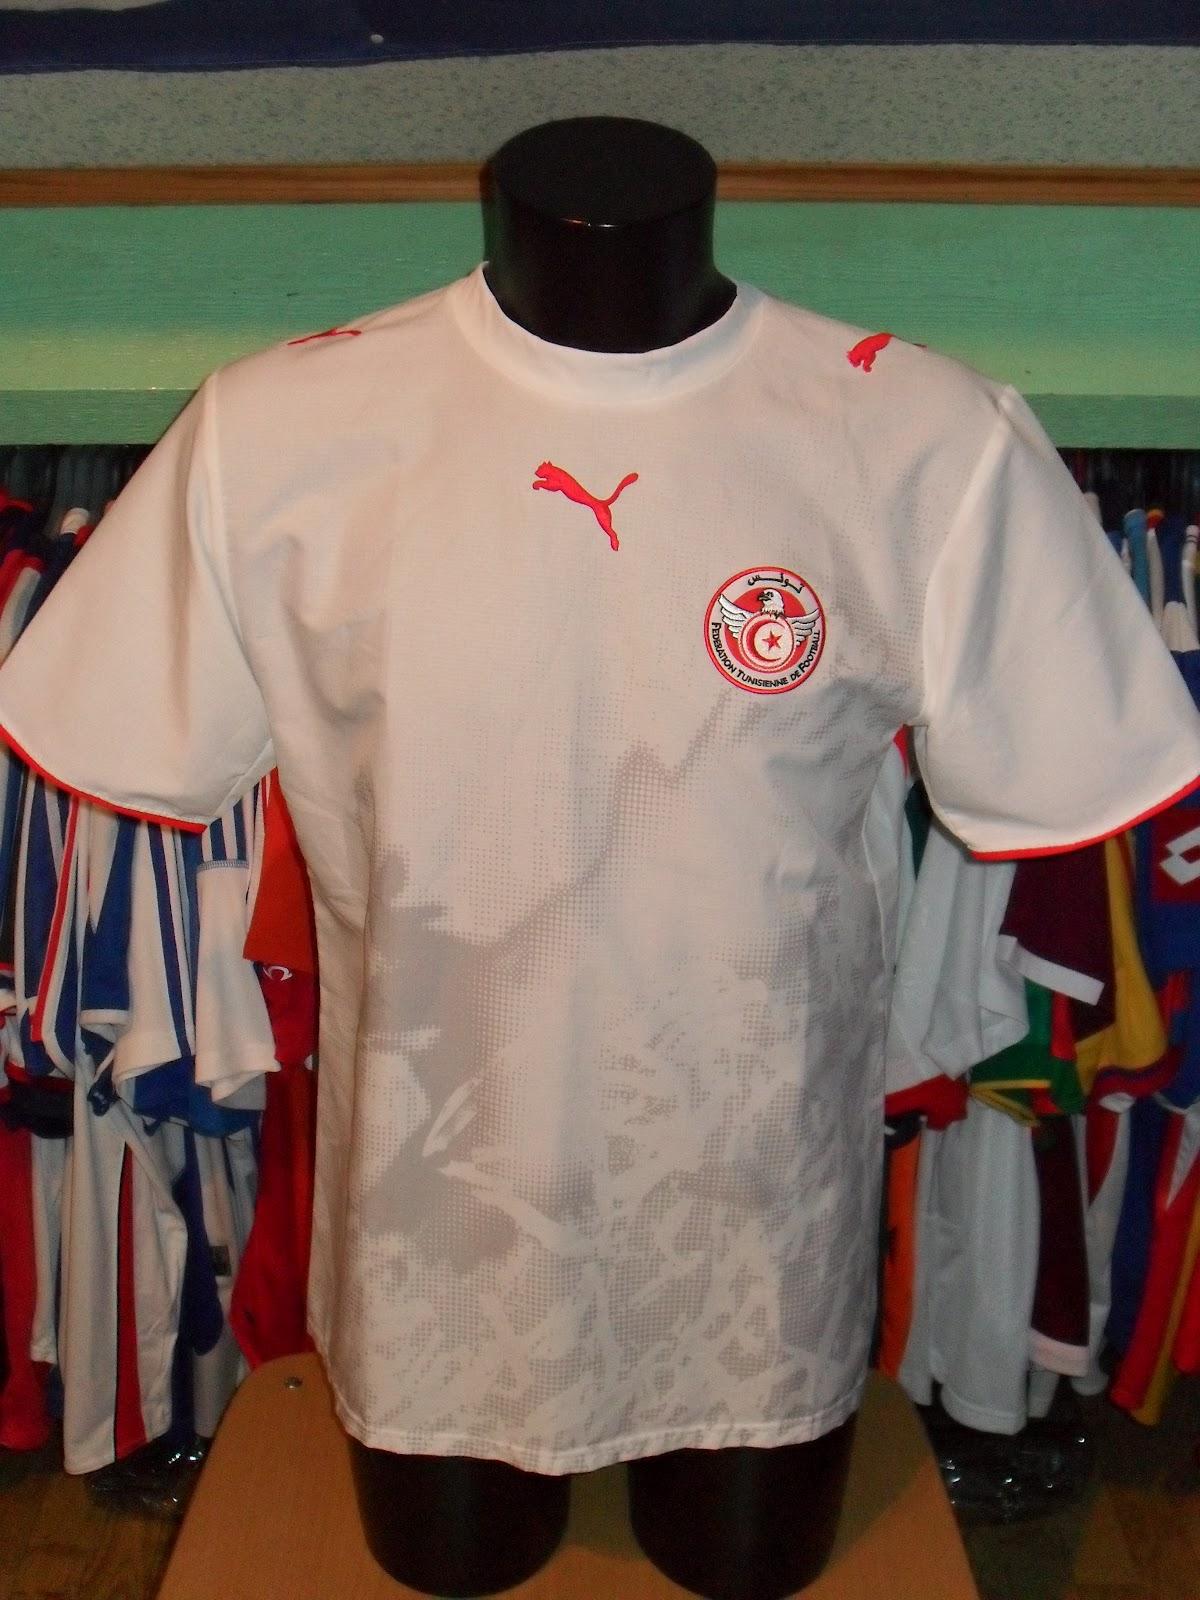 Mon grenier maillots tunisie al t nis 1998 2006 - Coupe du monde 1998 tunisie ...